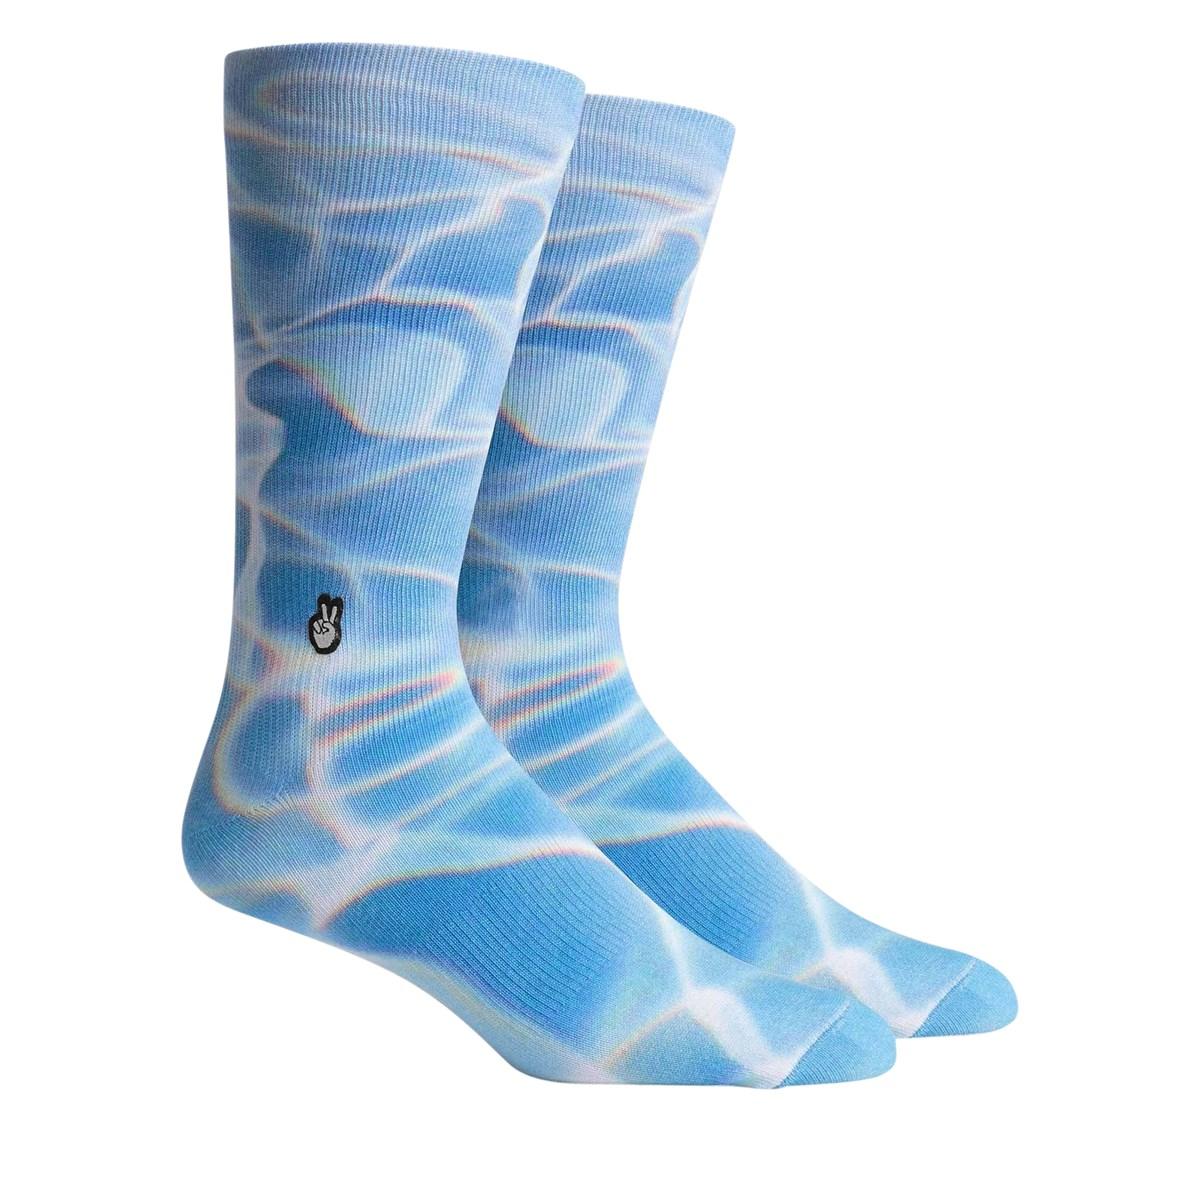 Men's Lowers Socks in Blue